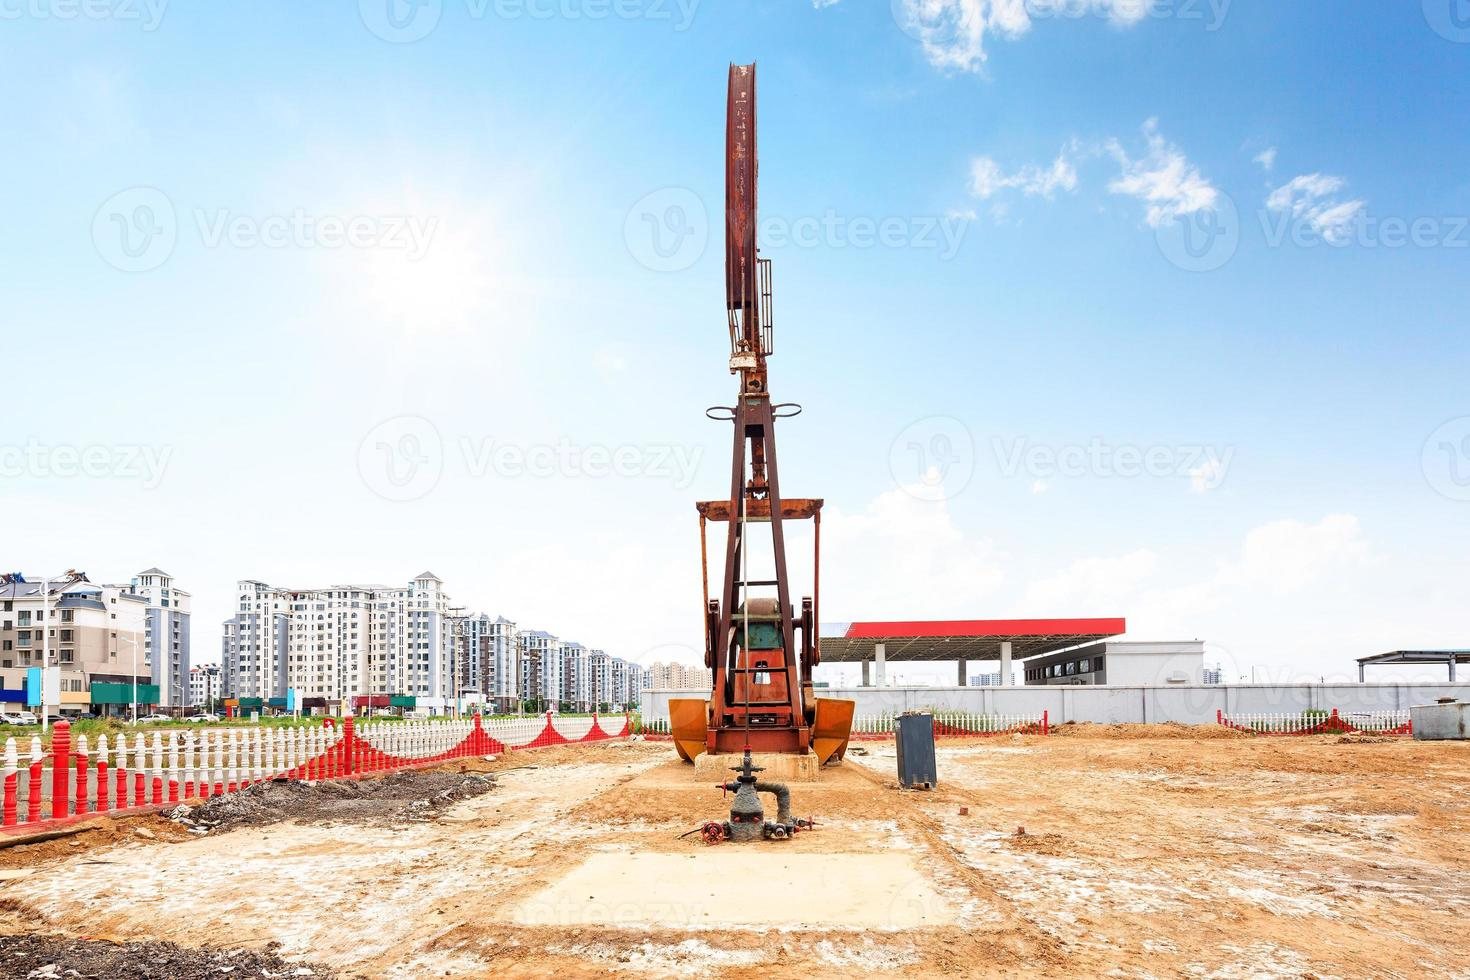 Skyline und funktionierende Ölbohrinsel im Ölfeld foto